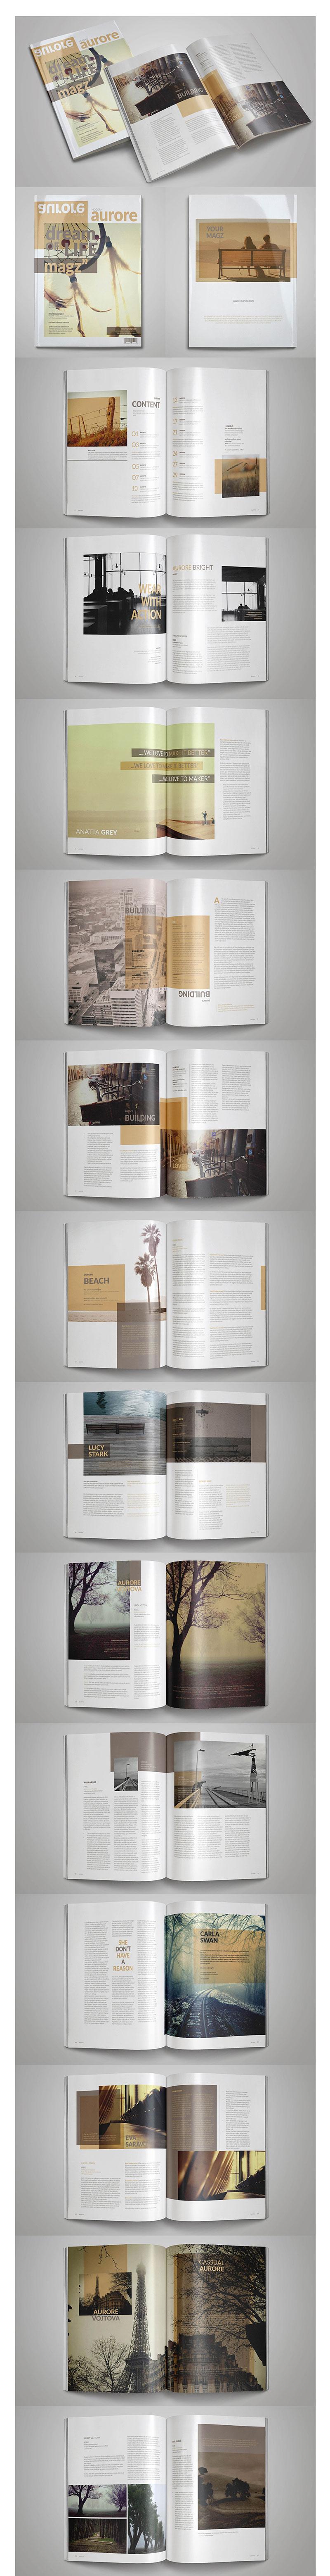 Multipurpose-Indesign-Magazine-Template